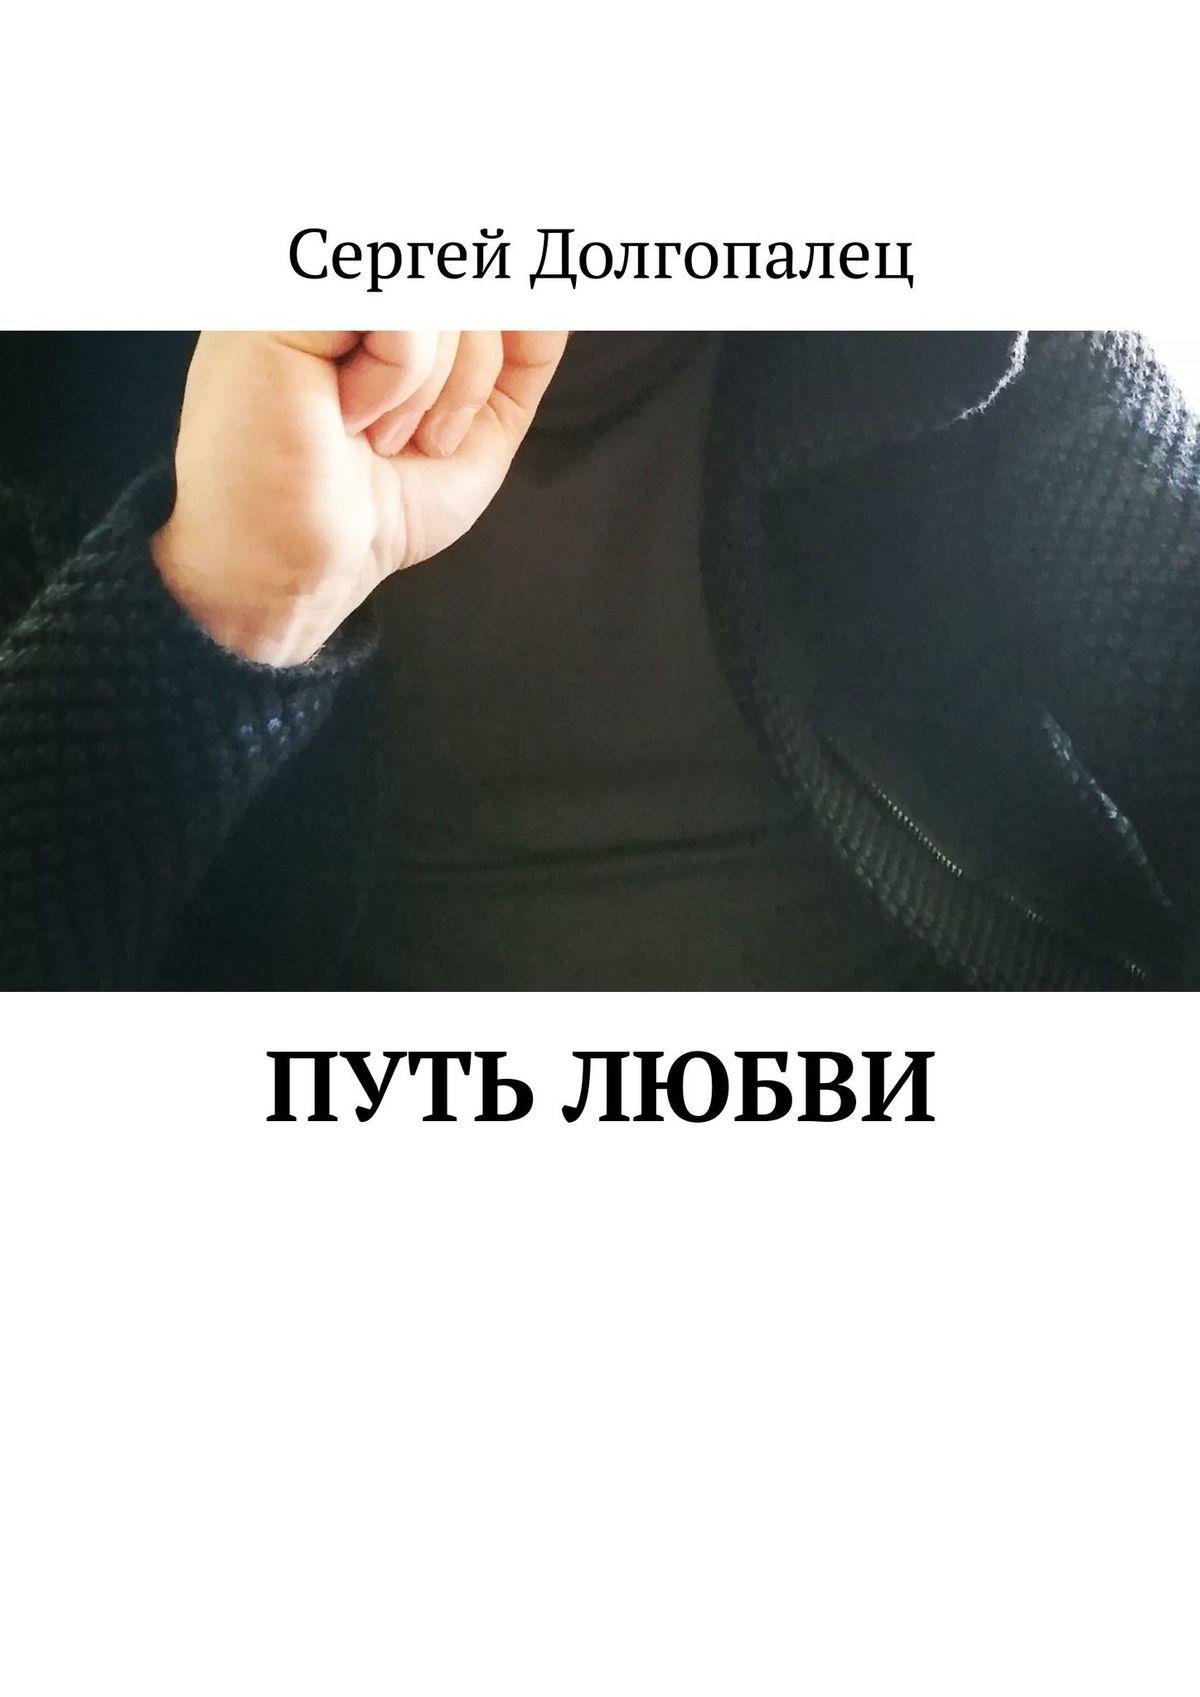 Сергей Долгопалец Путь любви сергей долгопалец путь любви